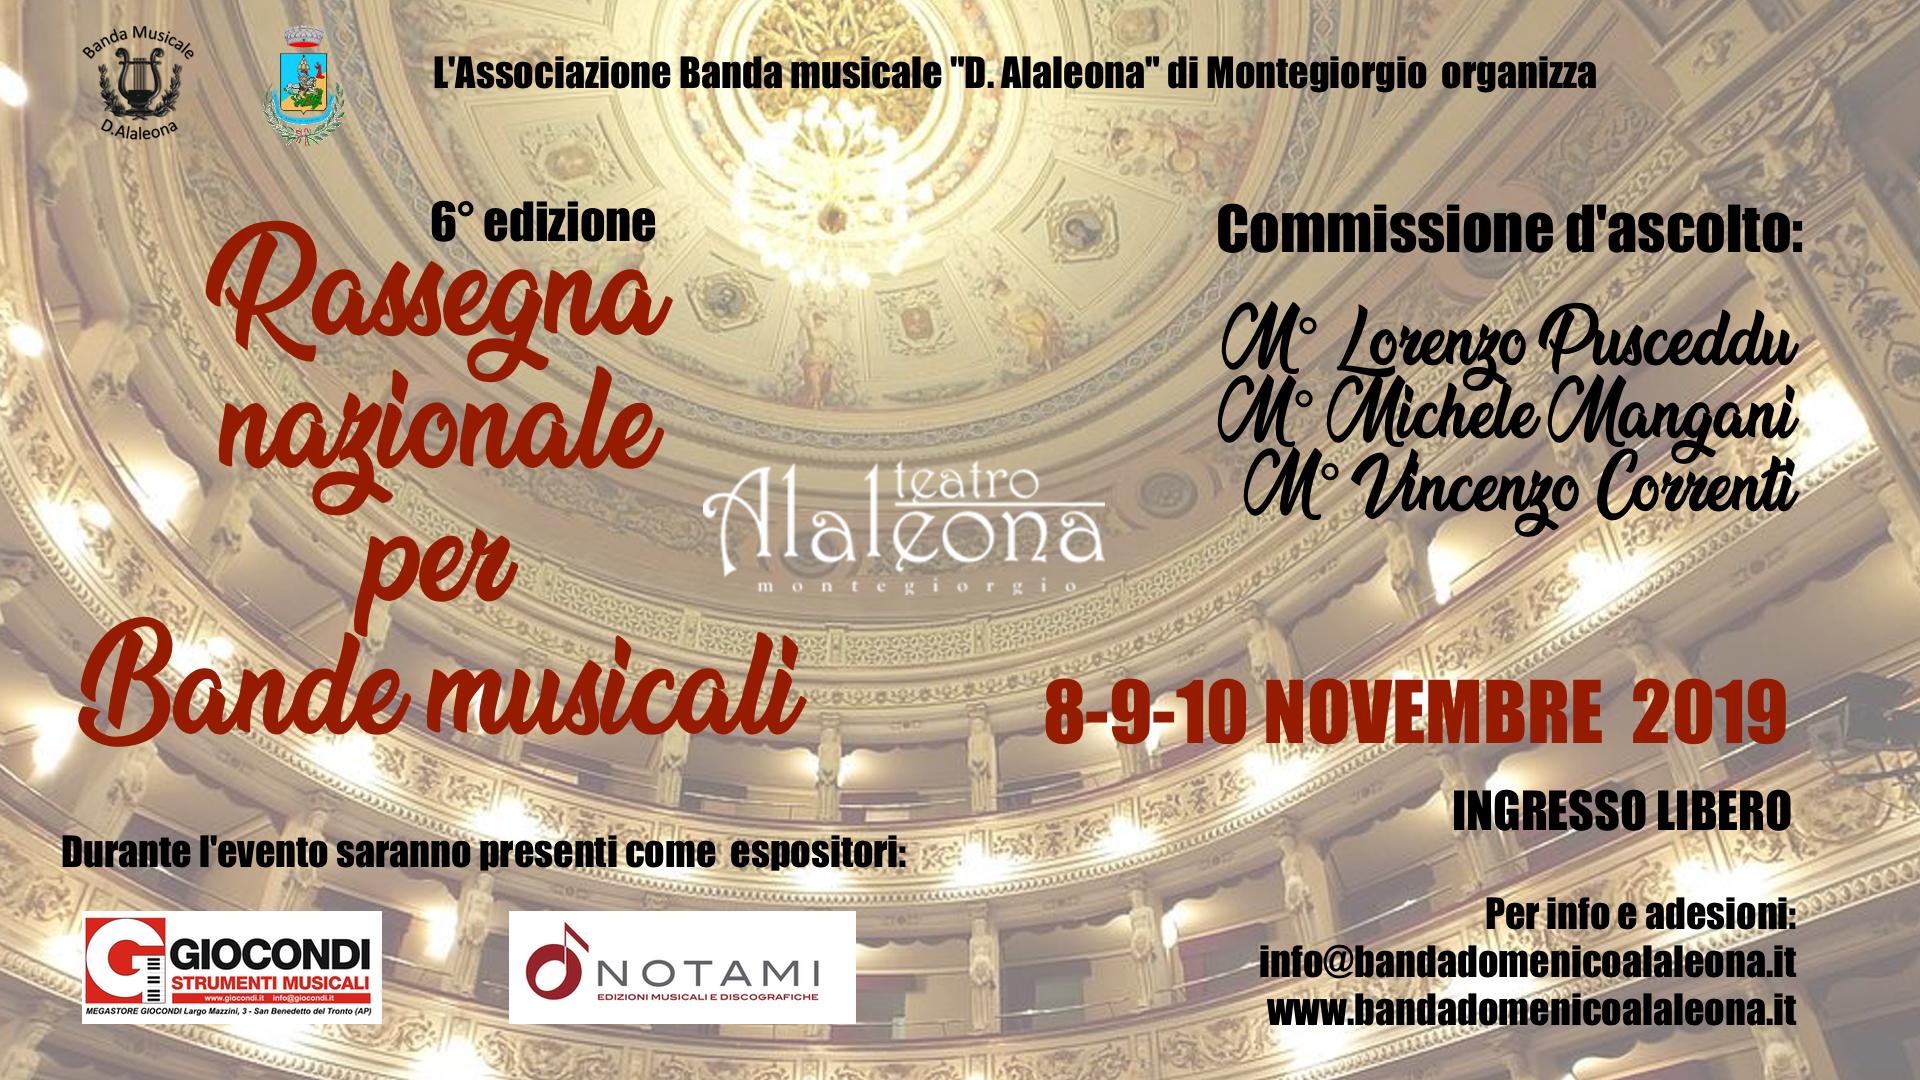 6ª RASSEGNA NAZIONALE BANDE MUSICALI a Montegiorgio (FM)